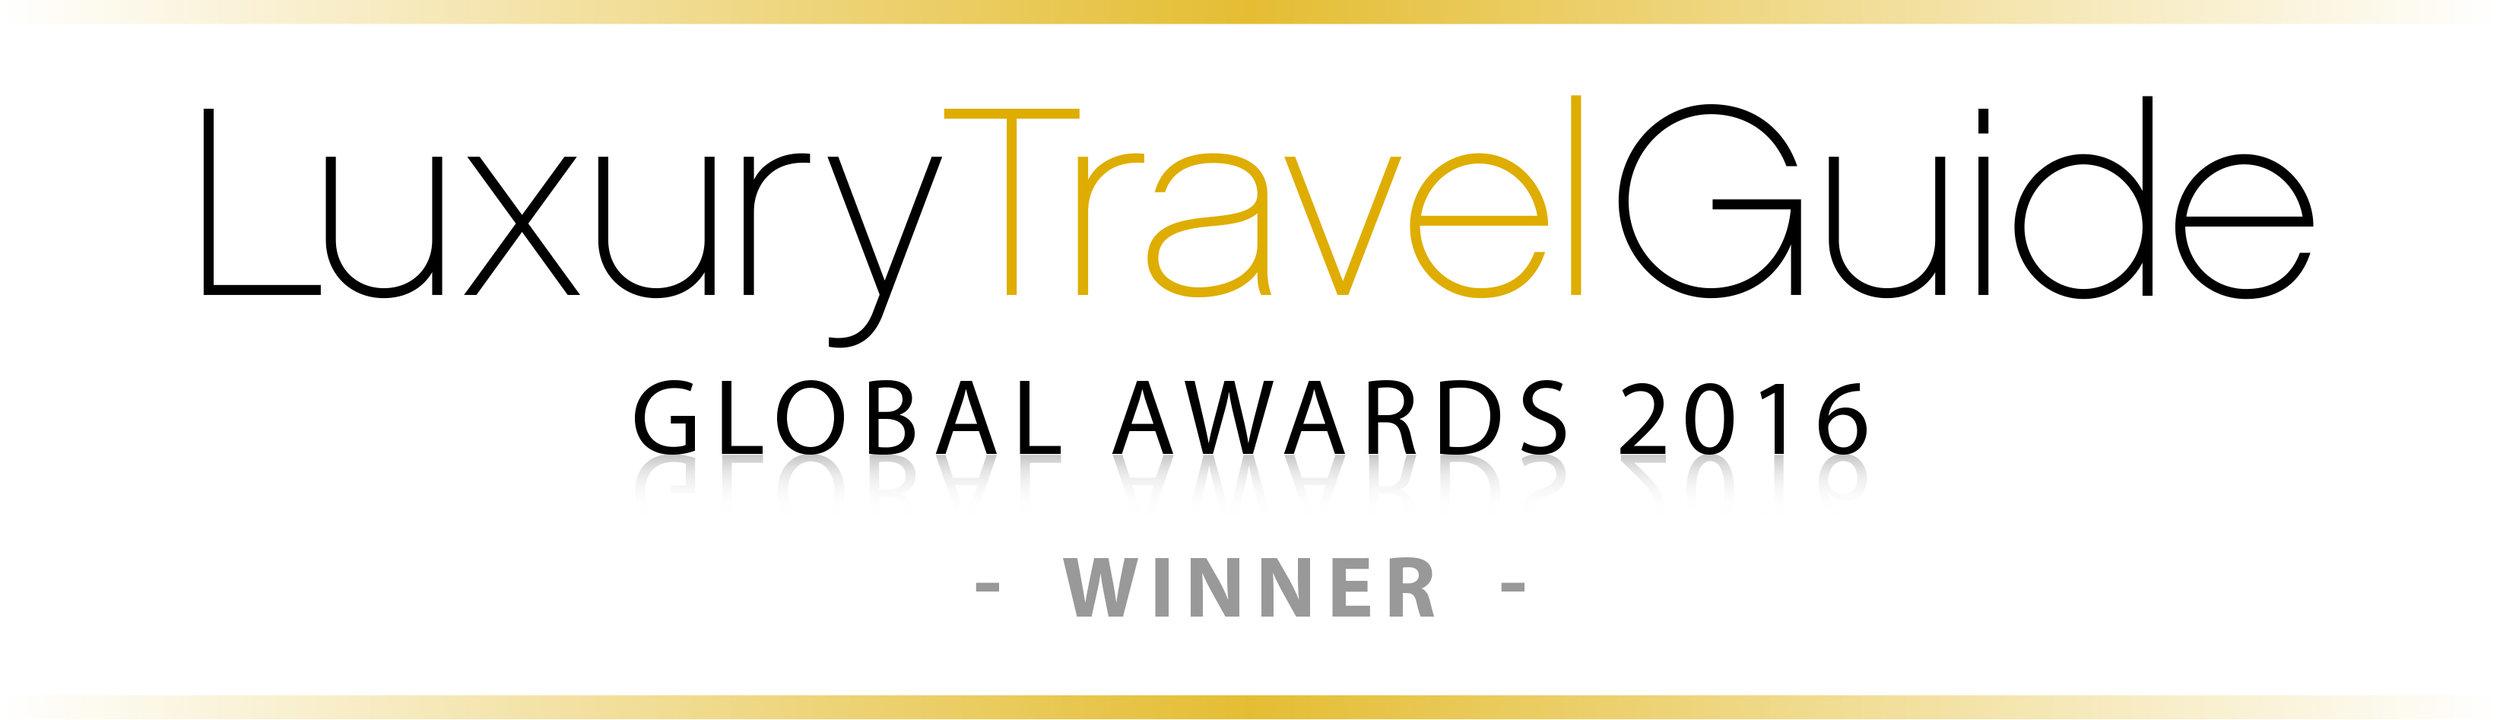 2016_global_awards_winner_logo.jpg